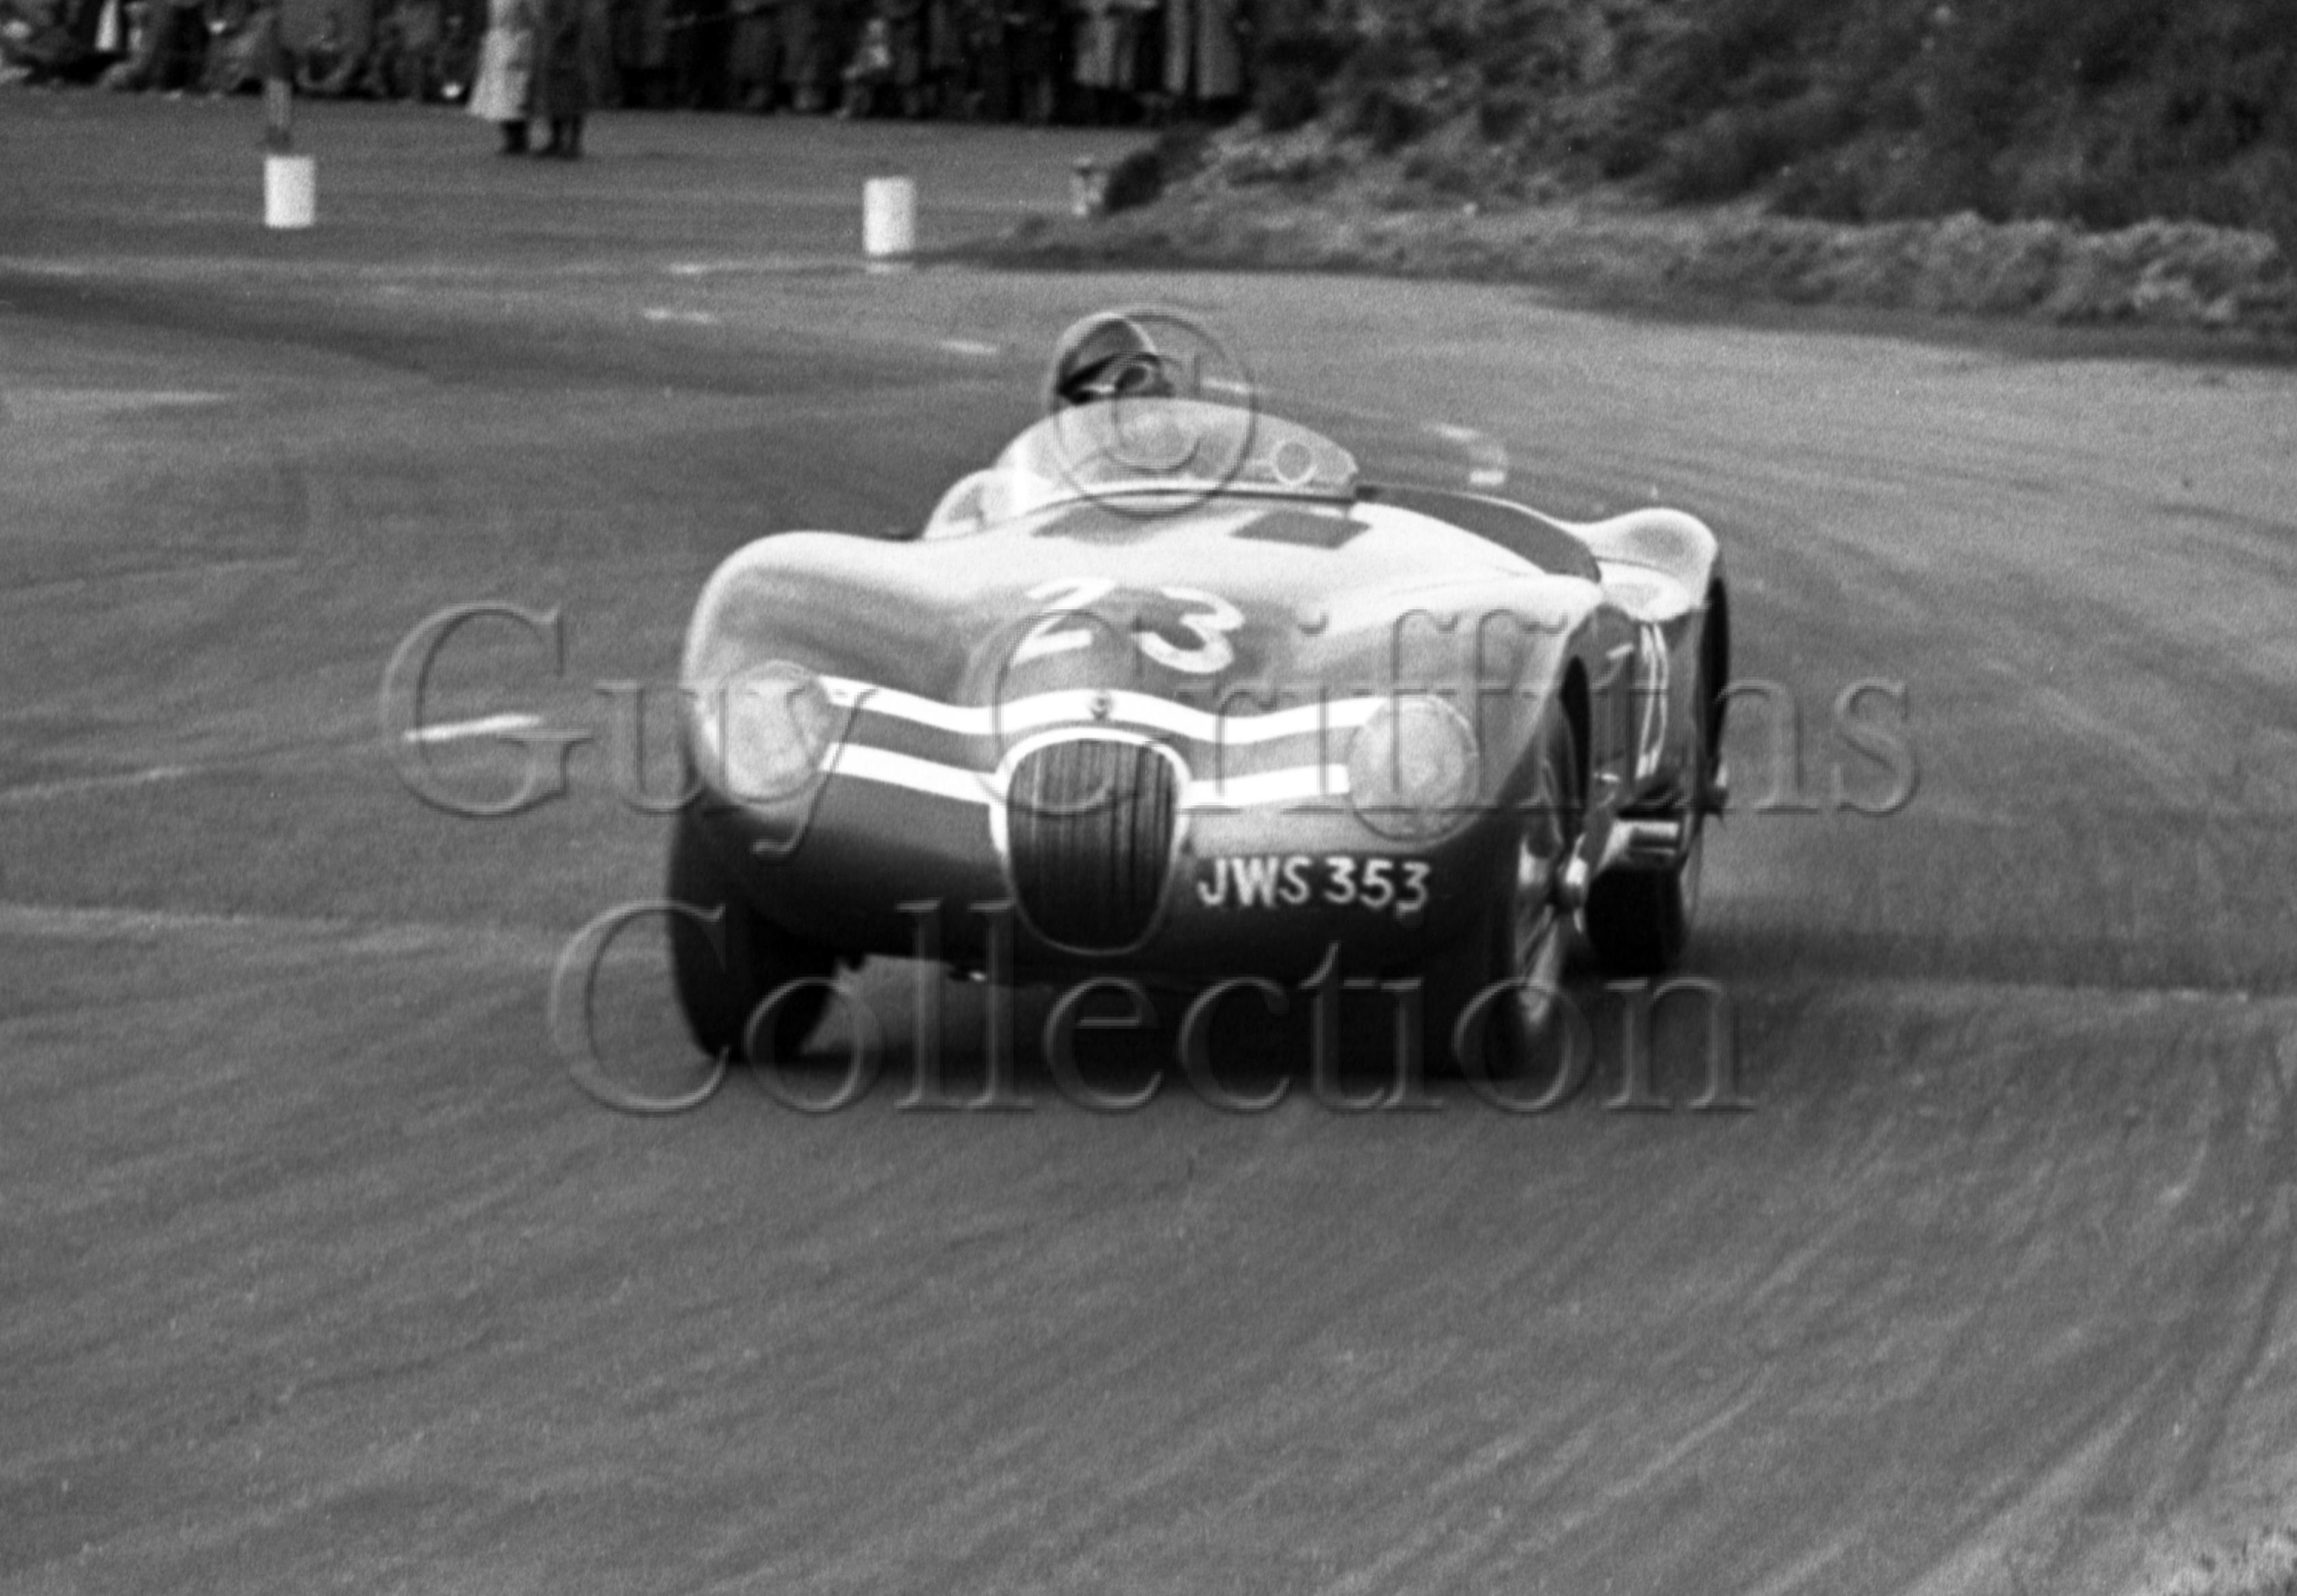 70-864–J-R-Stewart–Ecurie-Ecosse-Jaguar-C-Type-JWS-353–No-23–Snetterton–30-05-1953.jpg - Guy Griffiths Collection